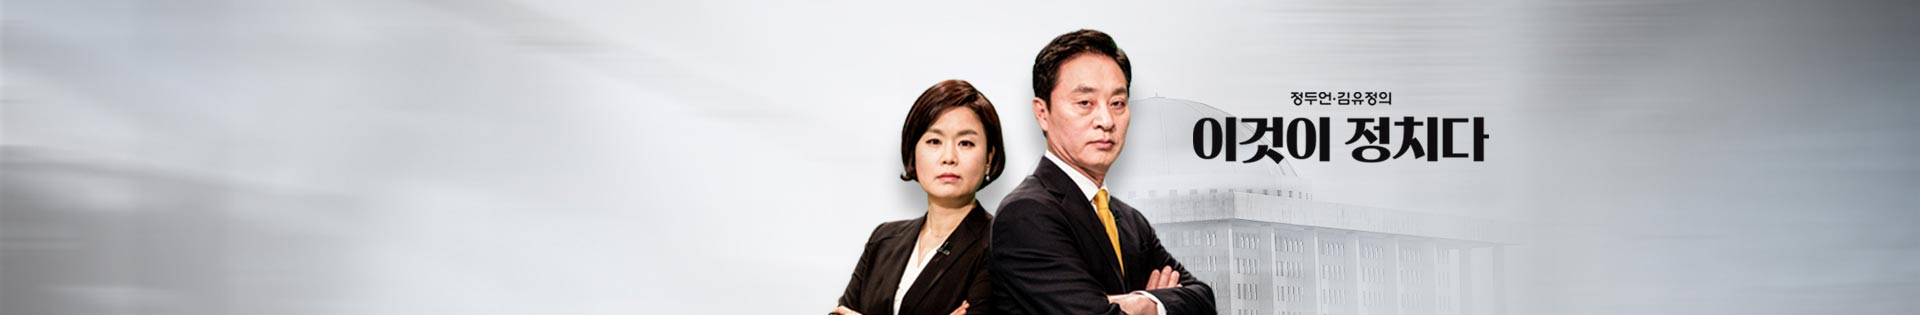 정두언,김유정의 이것이 정치다이미지